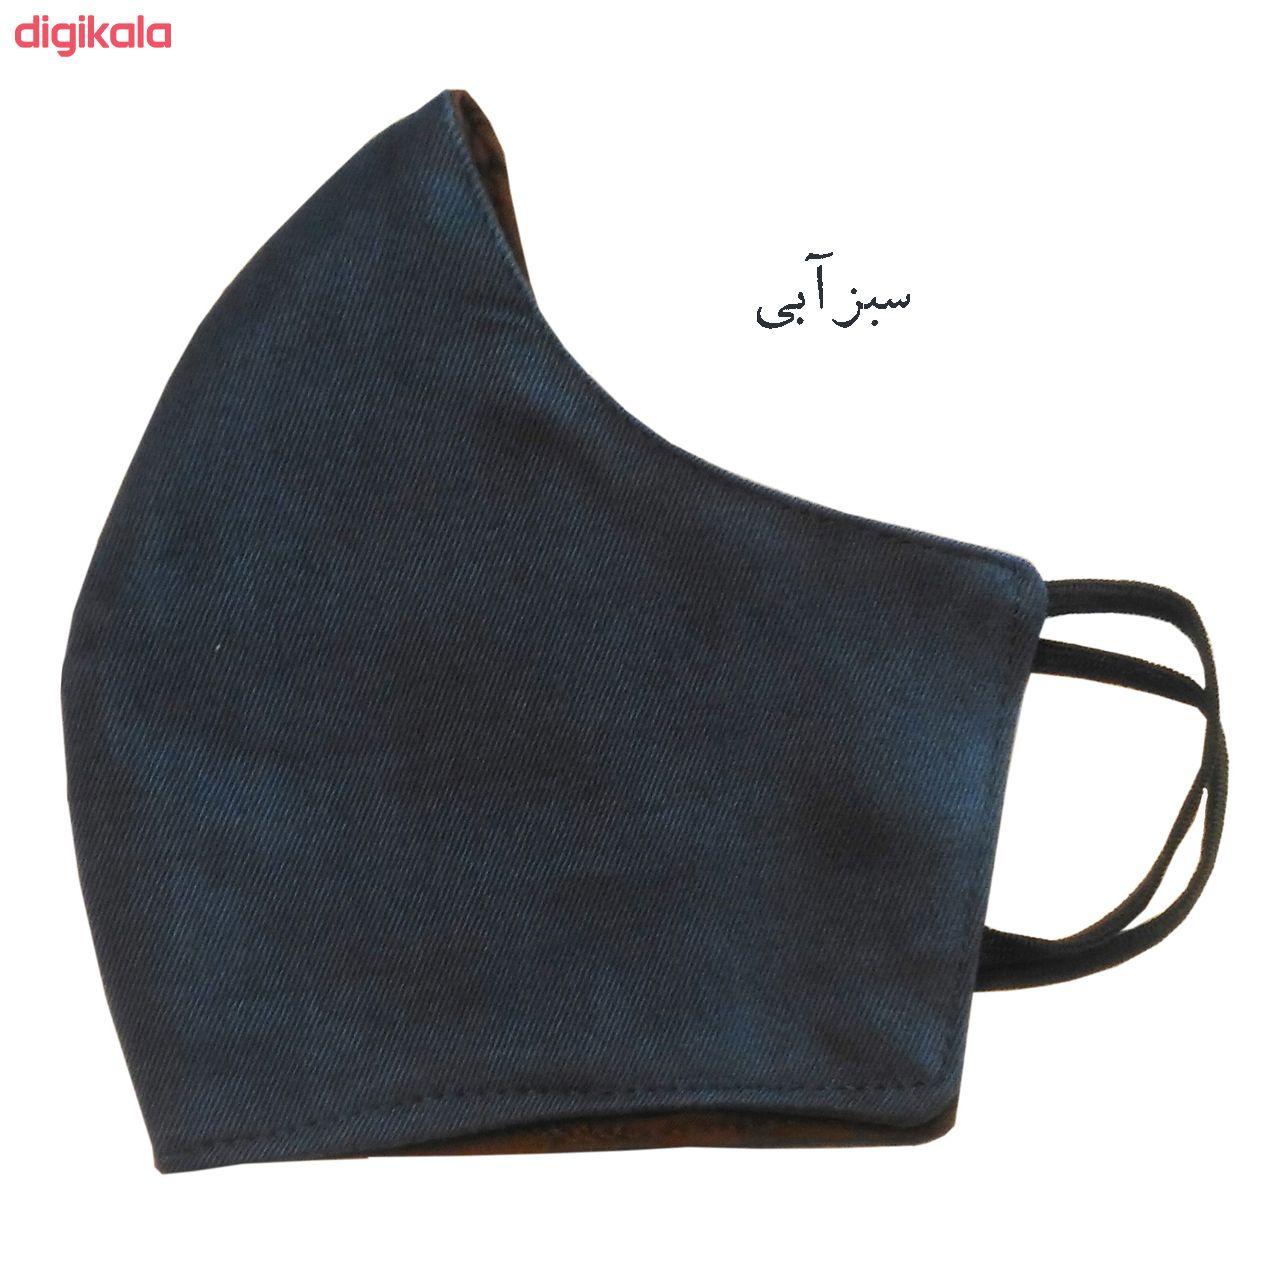 ماسک پارچه ای مدل سایه کد 06 main 1 14